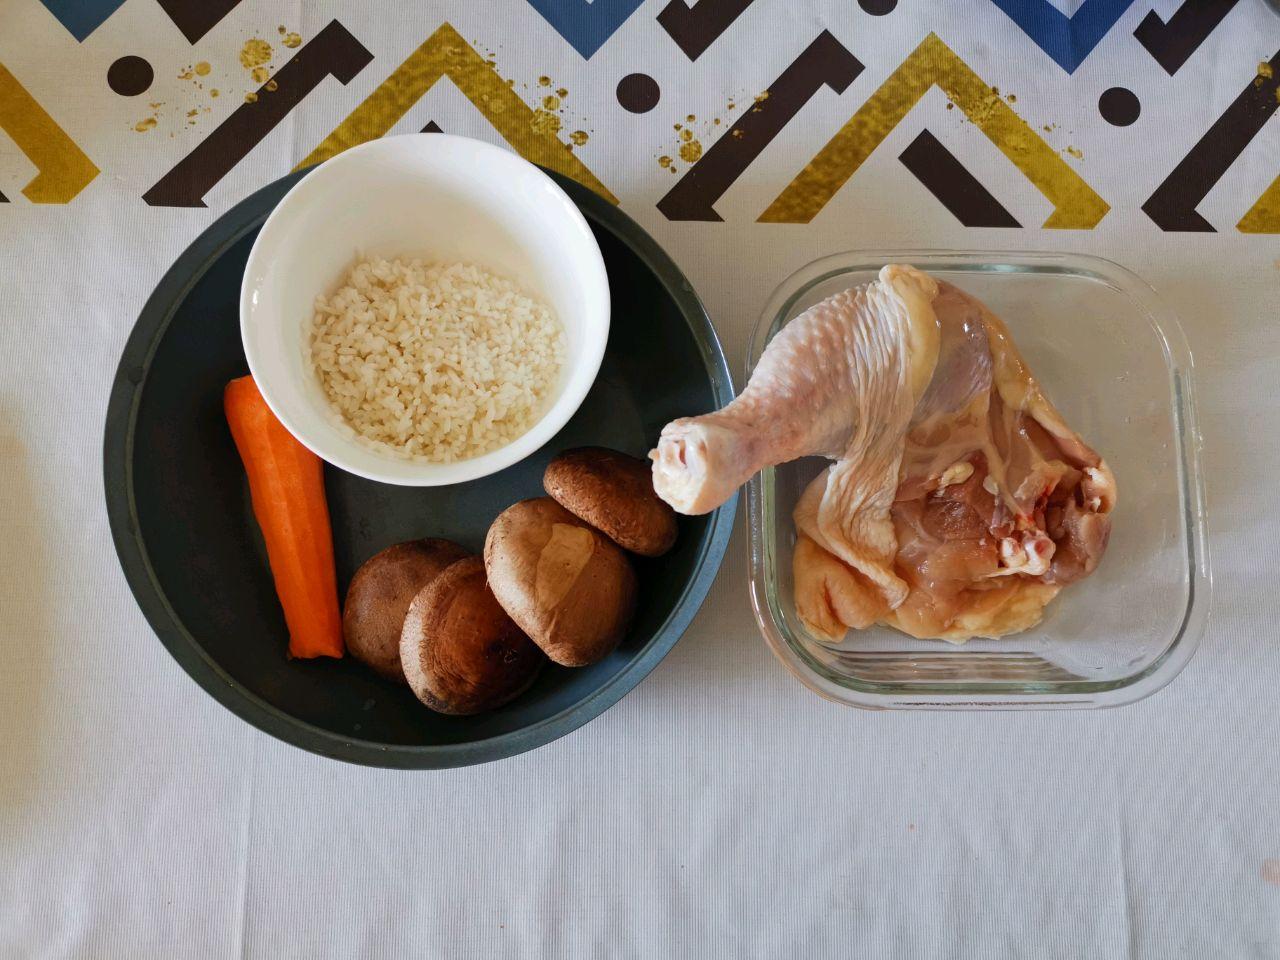 Dùng nồi cơm điện nấu cháo gà buổi tối, hôm sau cả nhà có món cháo nóng hổi cực ngon ăn sáng - Ảnh 2.